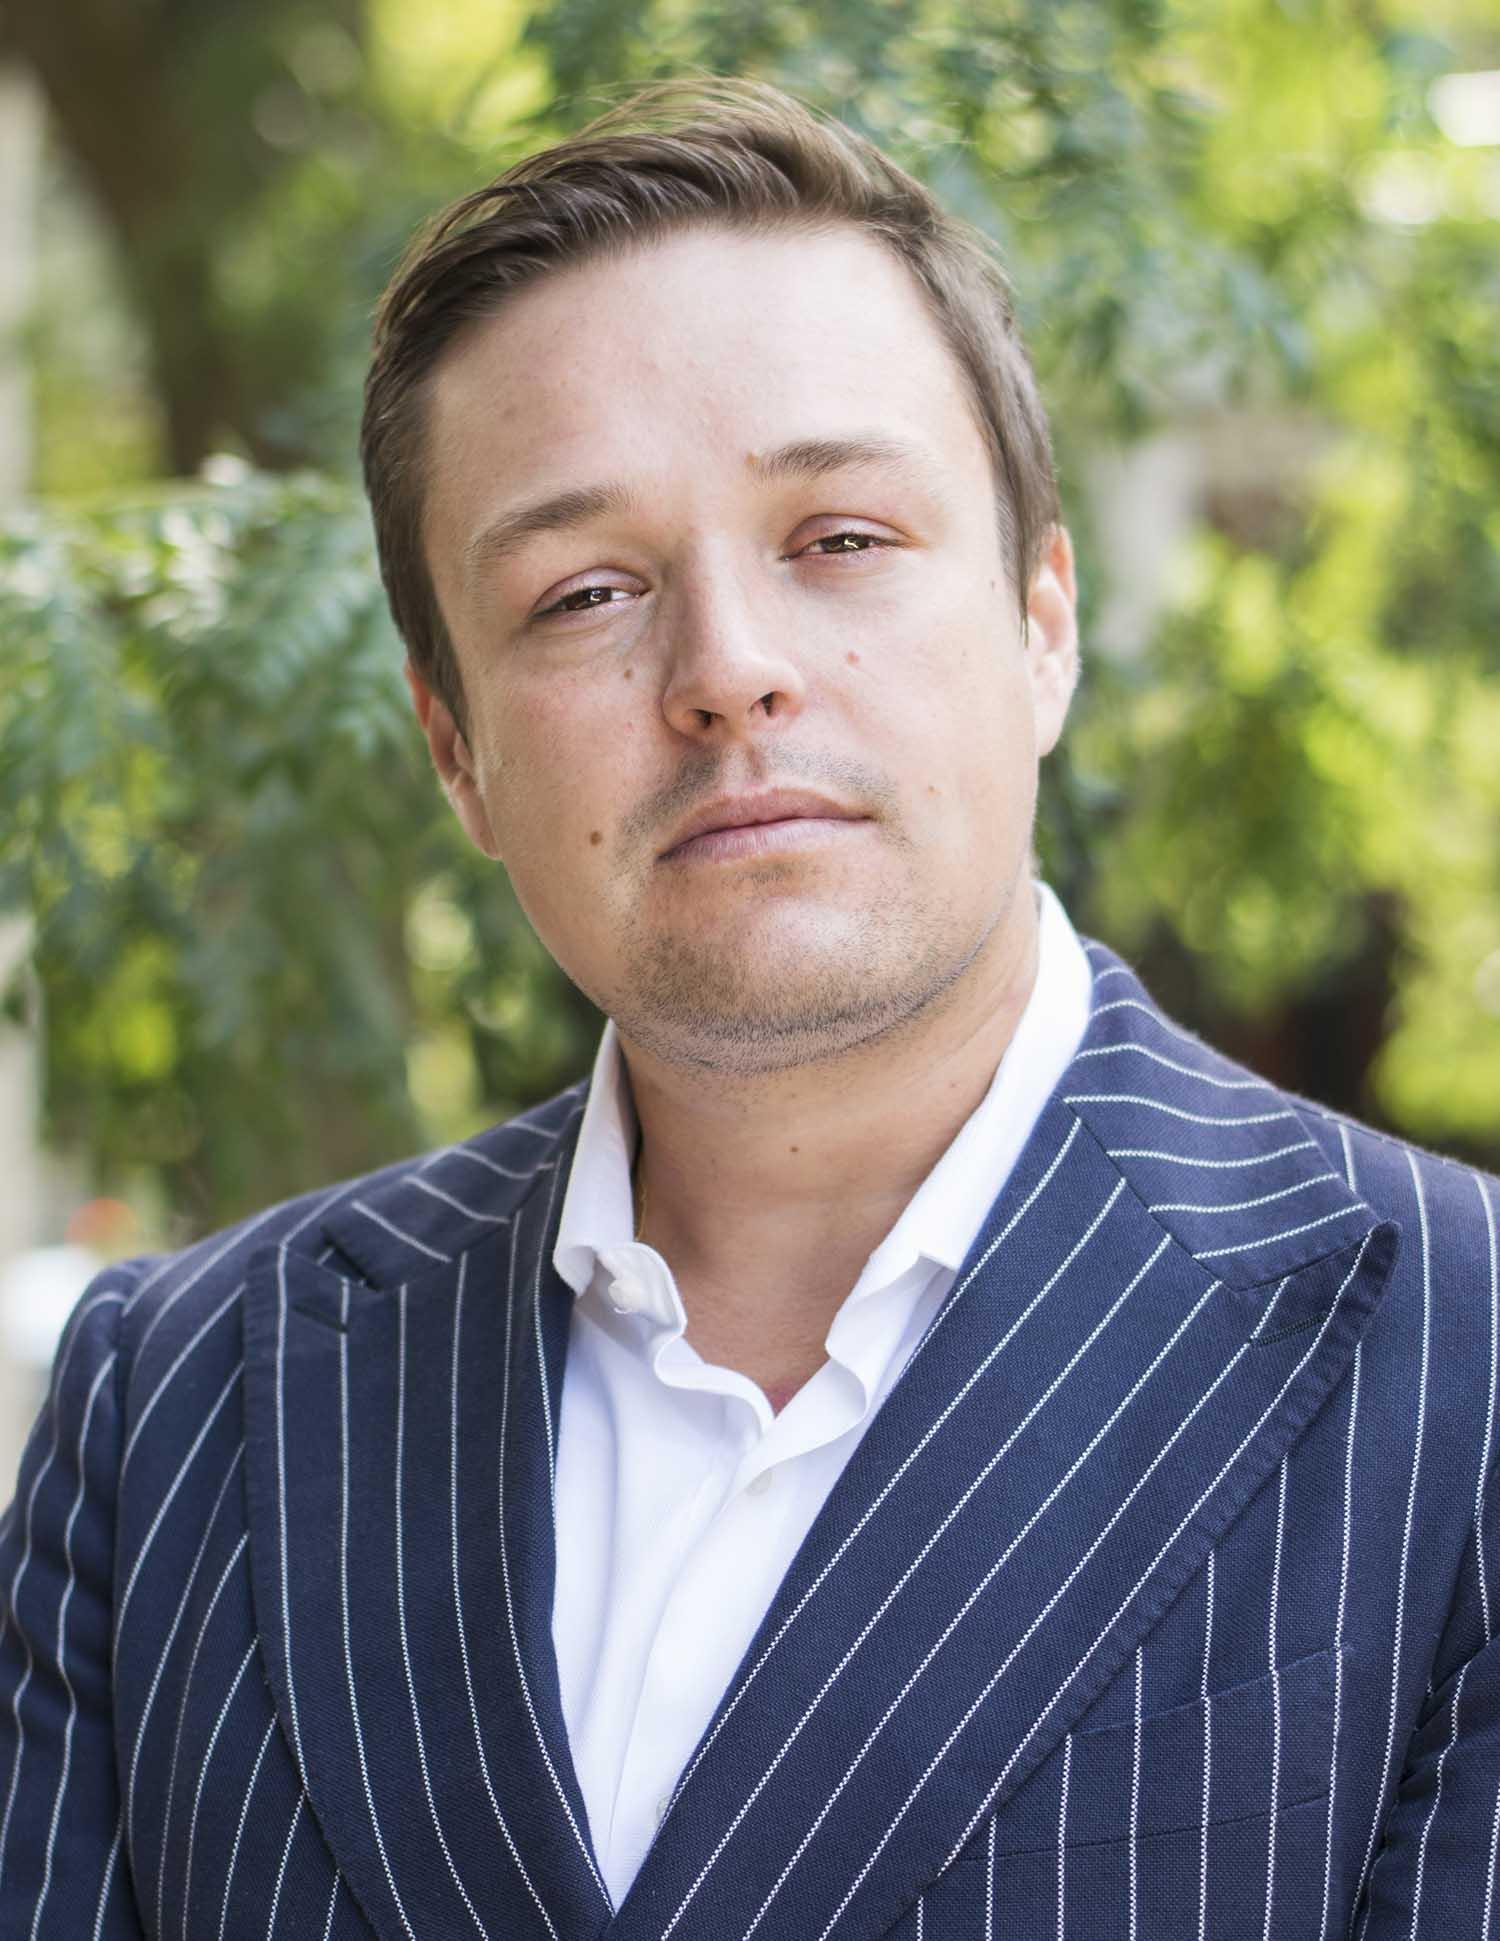 Daniel Hyszczak